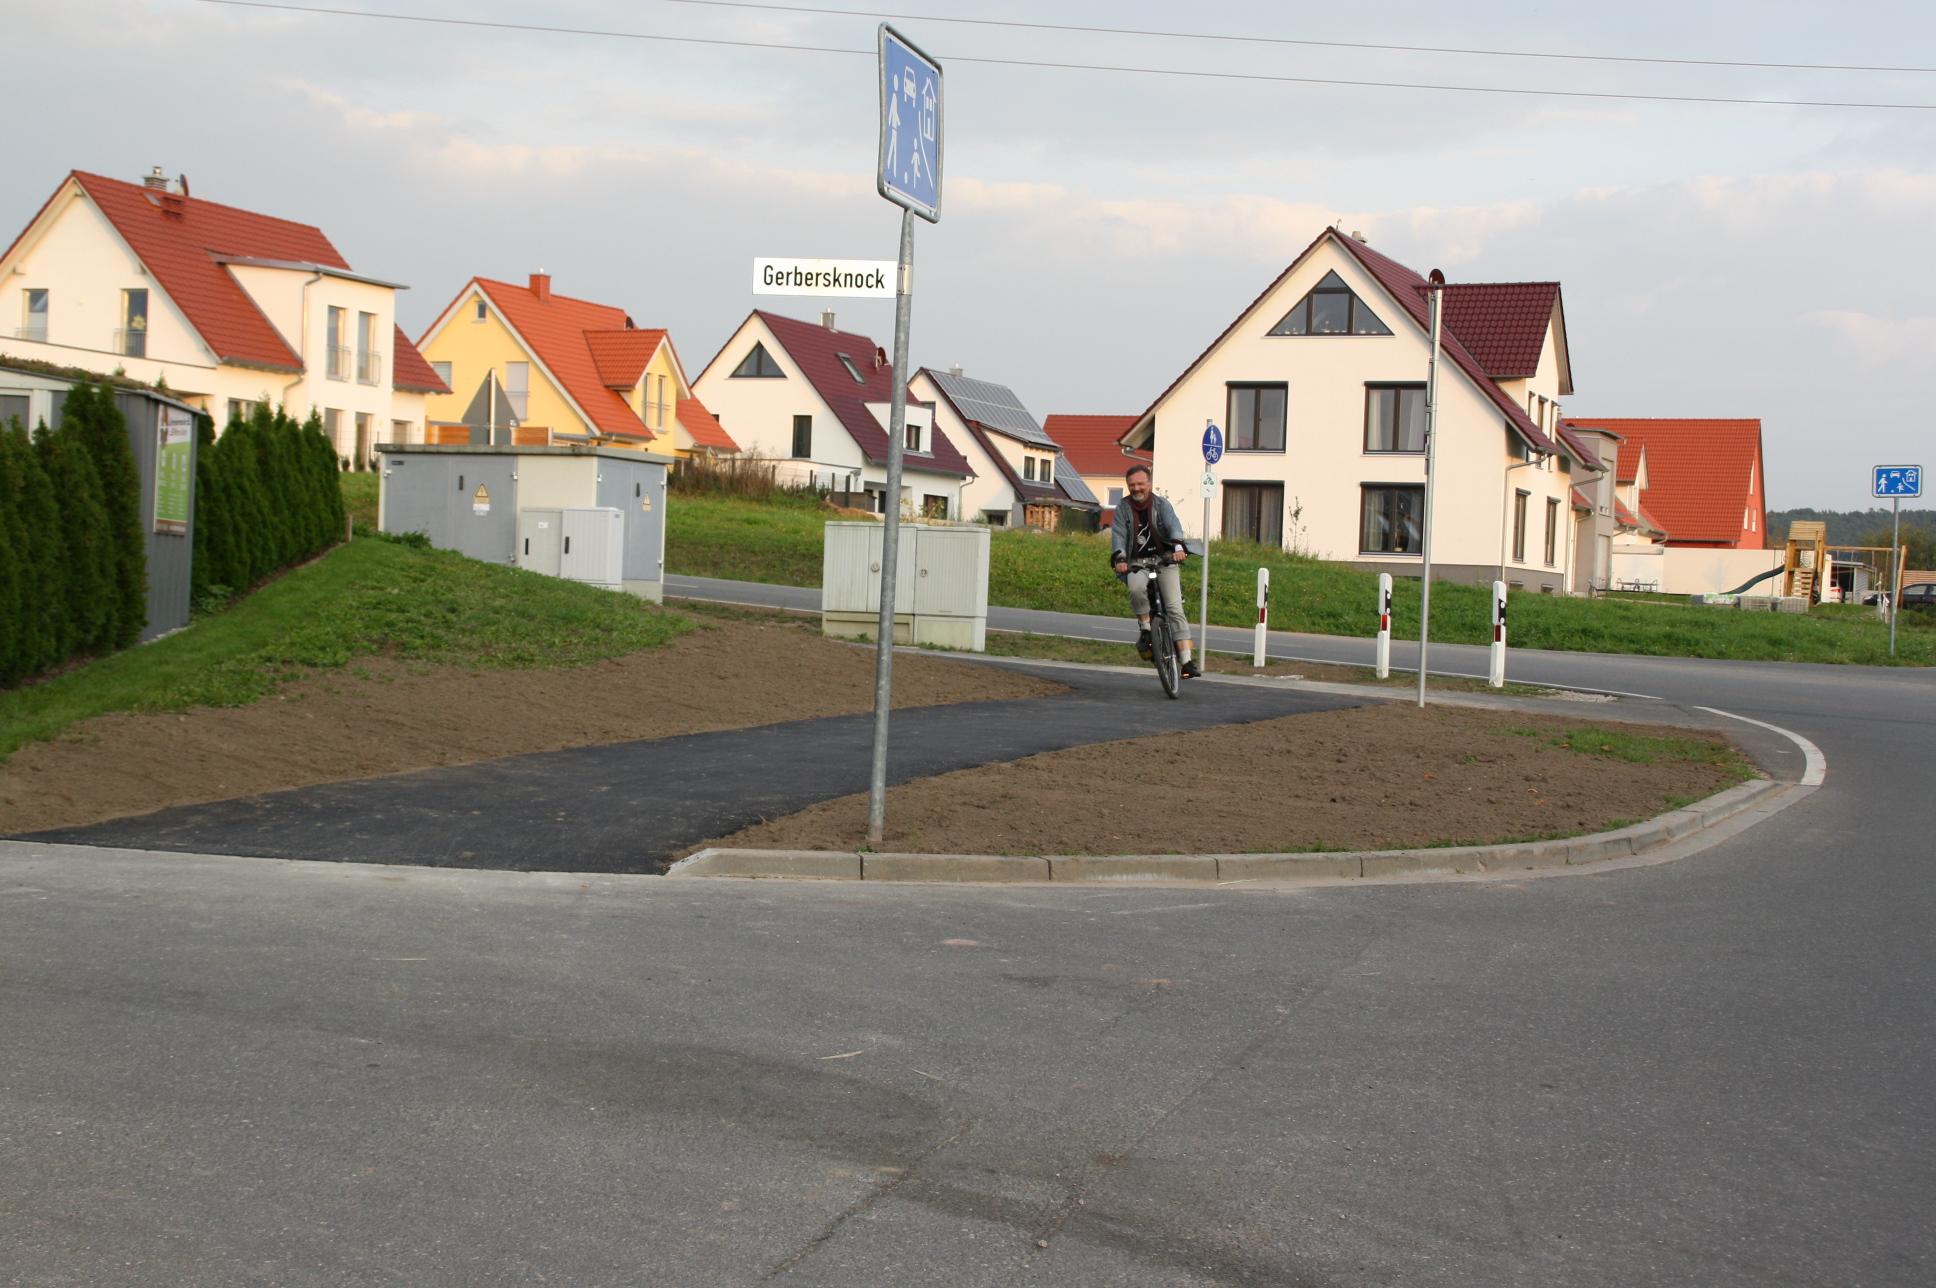 Das gefährliche Ende des Fahrradwegs in der Gerbersleite hat einen neuen, sicheren Abzweig bekommen.